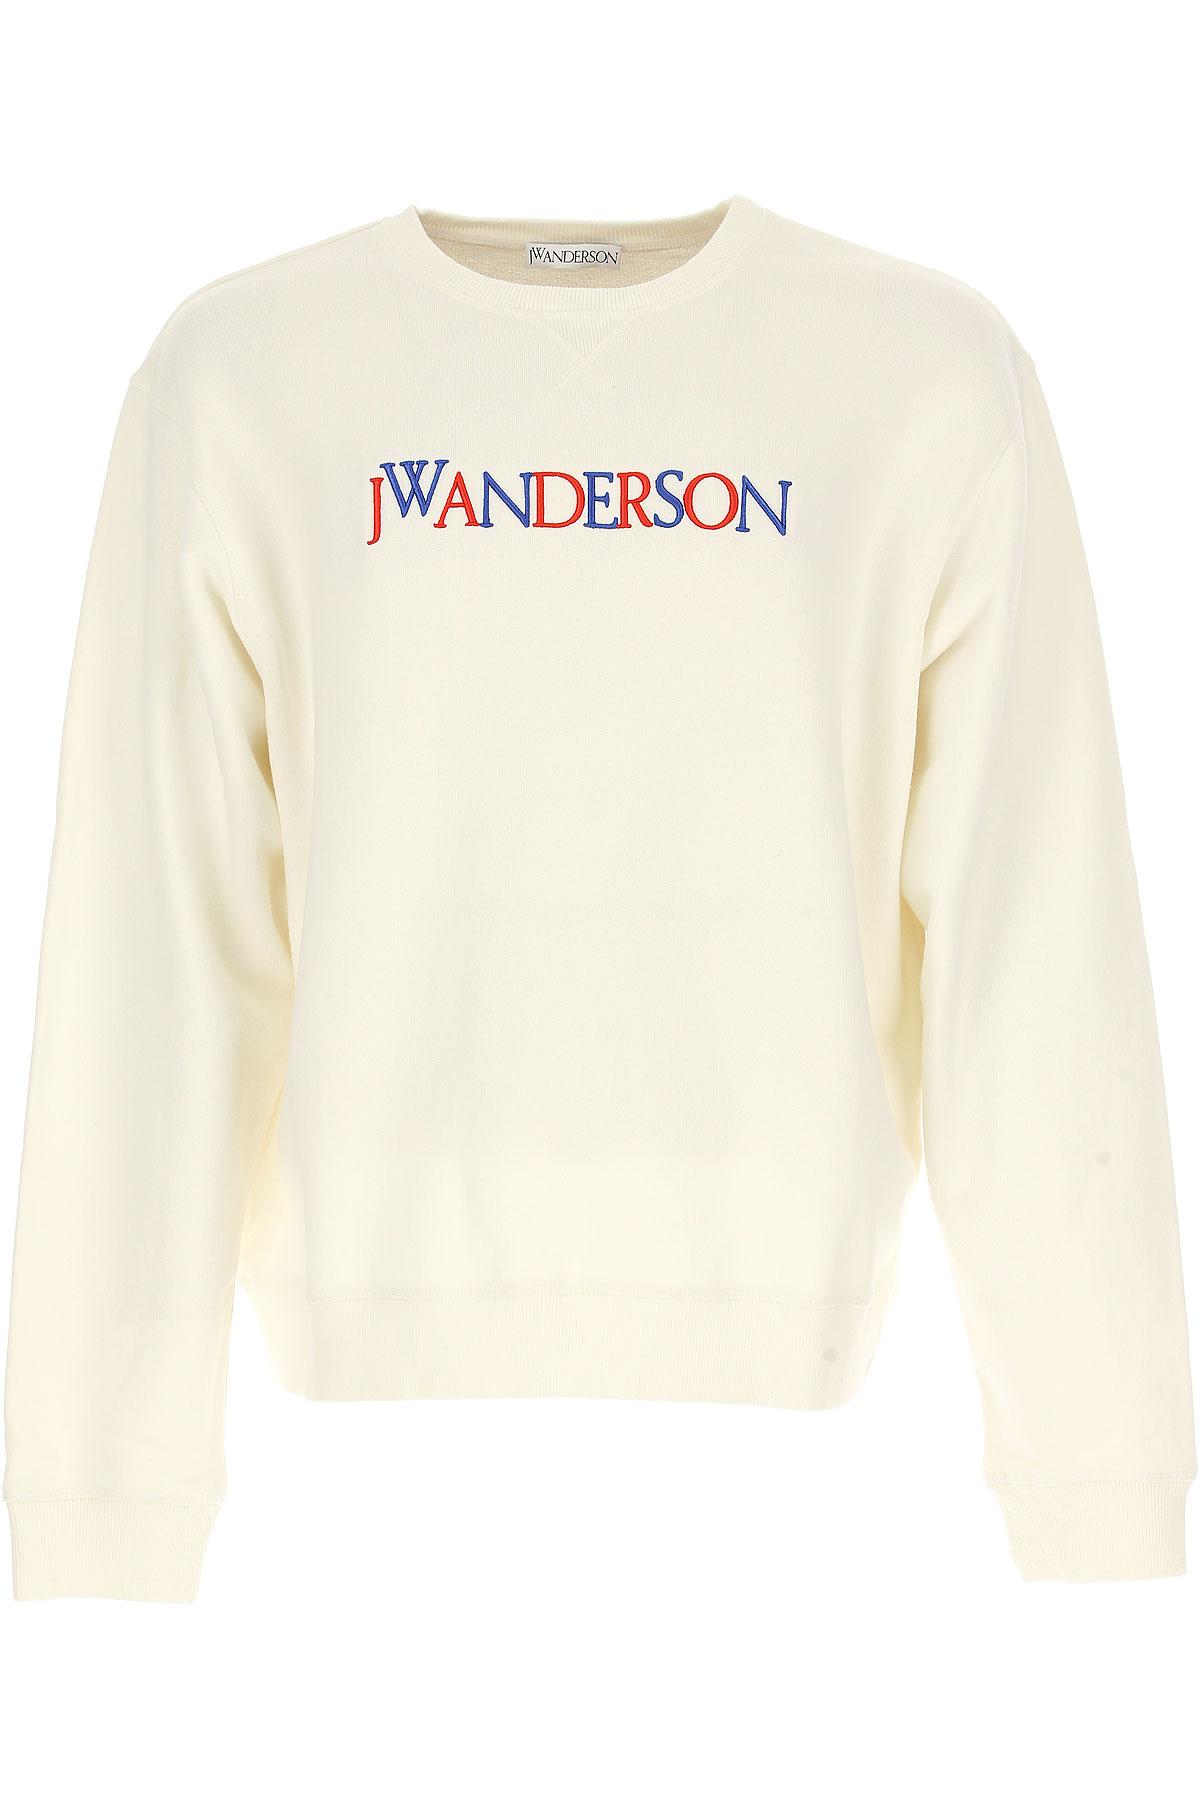 Image of J.W.Anderson Sweatshirt for Men, White, Cotton, 2017, L M S XL